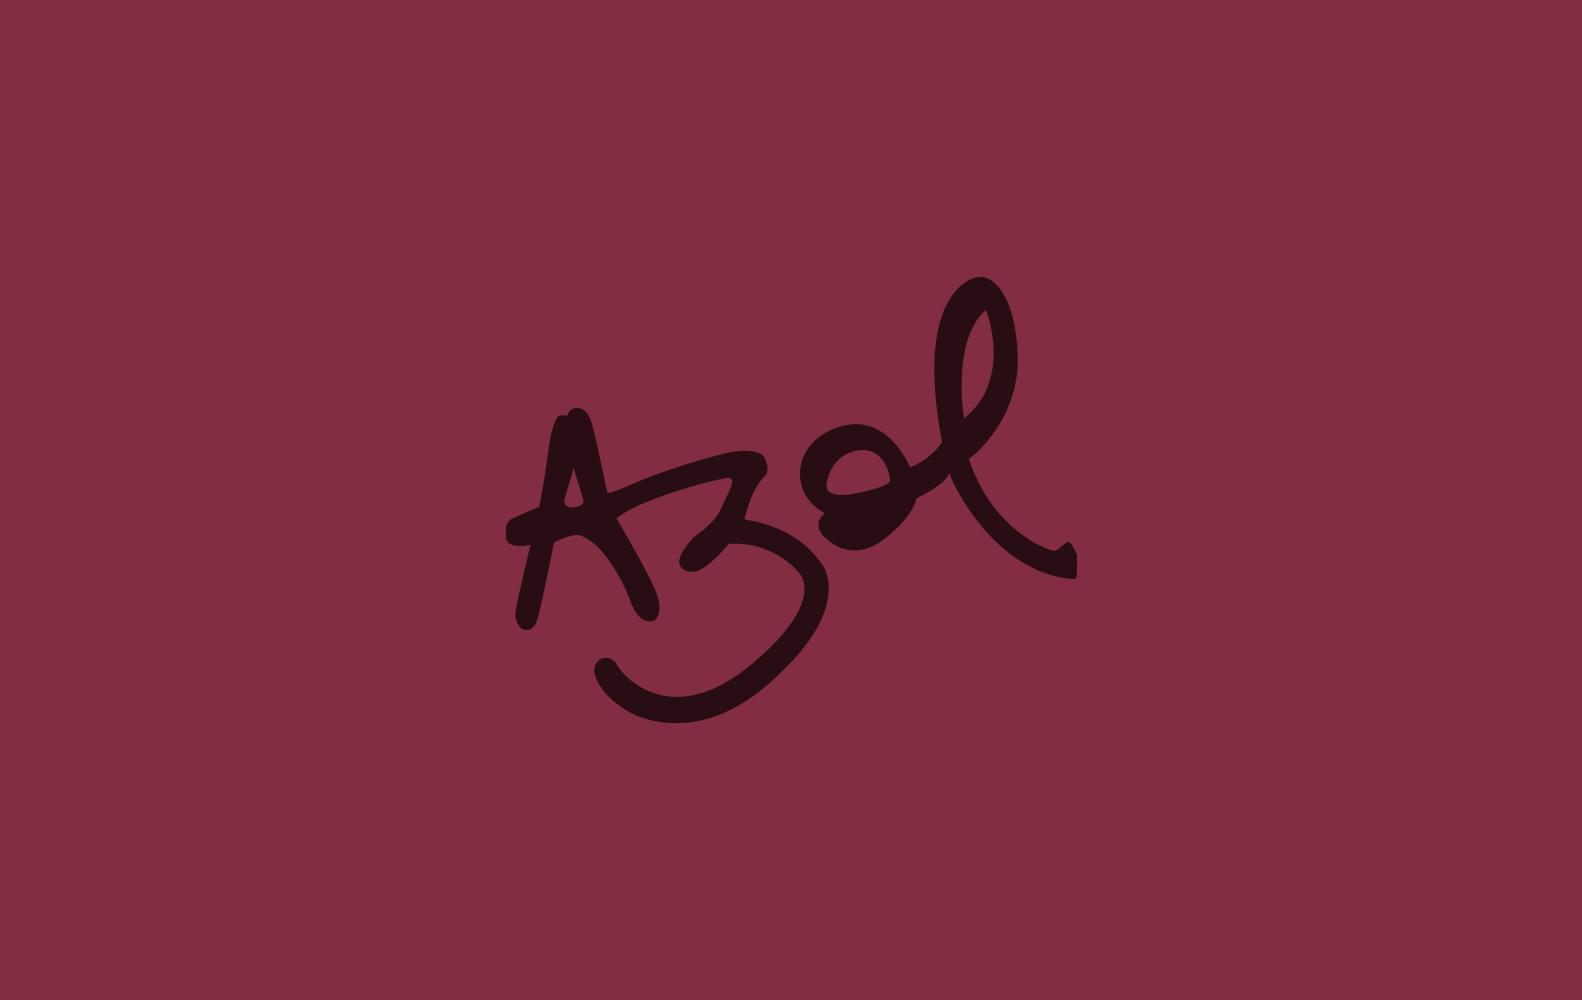 azol_logo